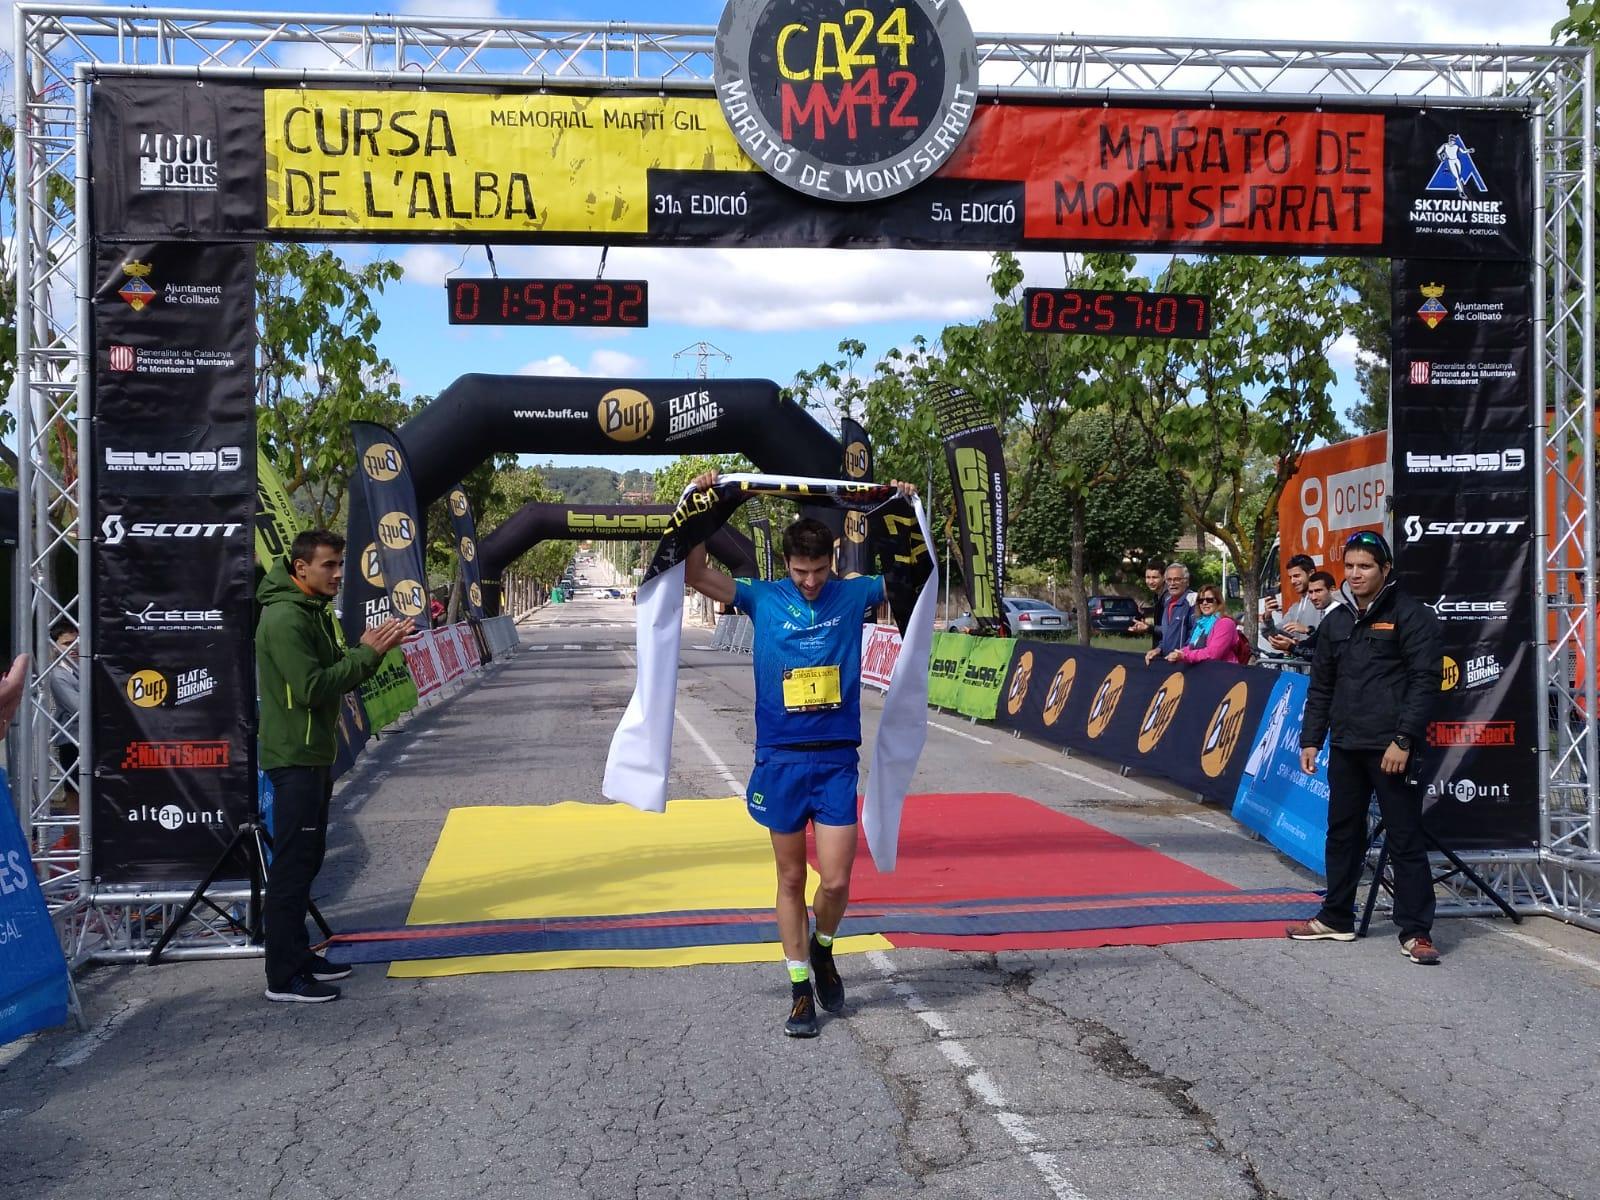 ANDREU SIMÓN I SHEILA AVILÉS CAMPIONS DE LA 31ª CURSA DEL ALBA